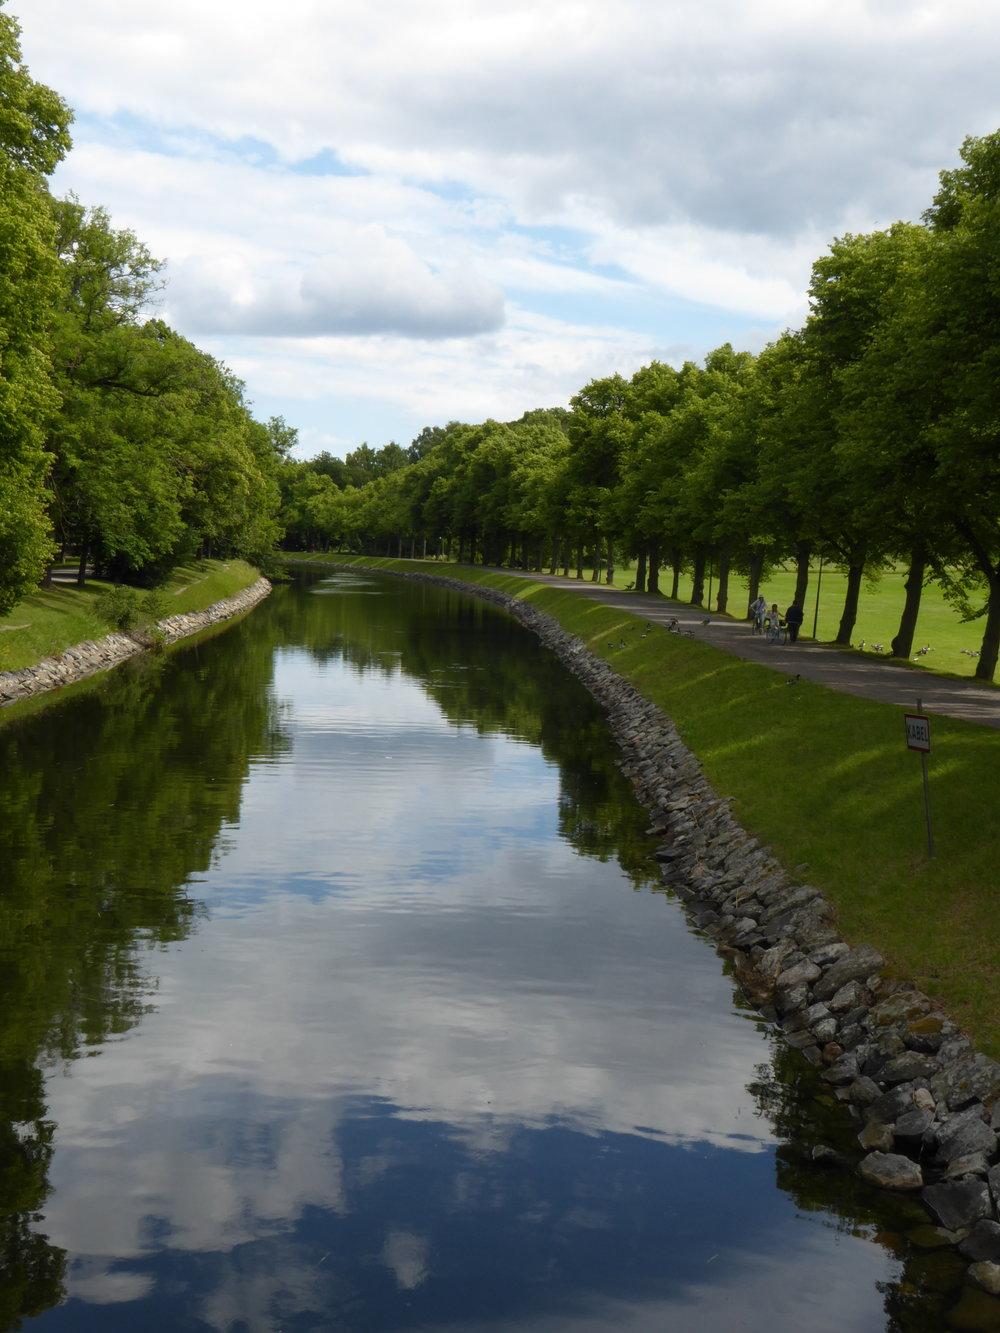 Djurgårdsbrunnskanalen, Djurgården, Stockholm